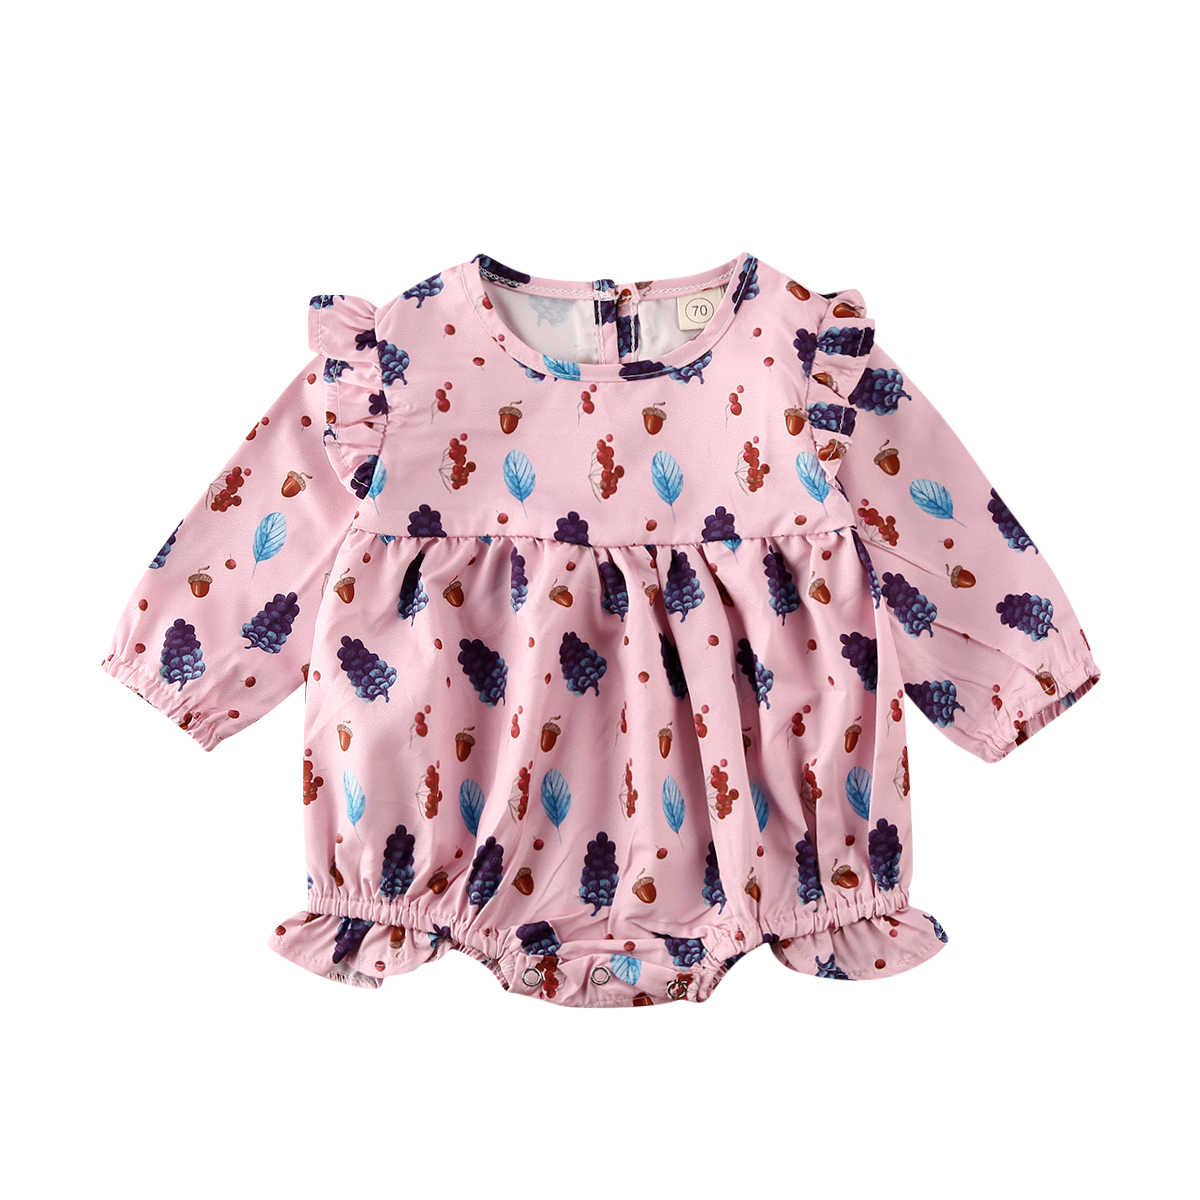 Bayi Perempuan Floral Pakaian Lengan Panjang Baju Monyet Kasual Jumpsuit Playsuits Musim Semi Musim Gugur Bayi Pakaian 0-18M